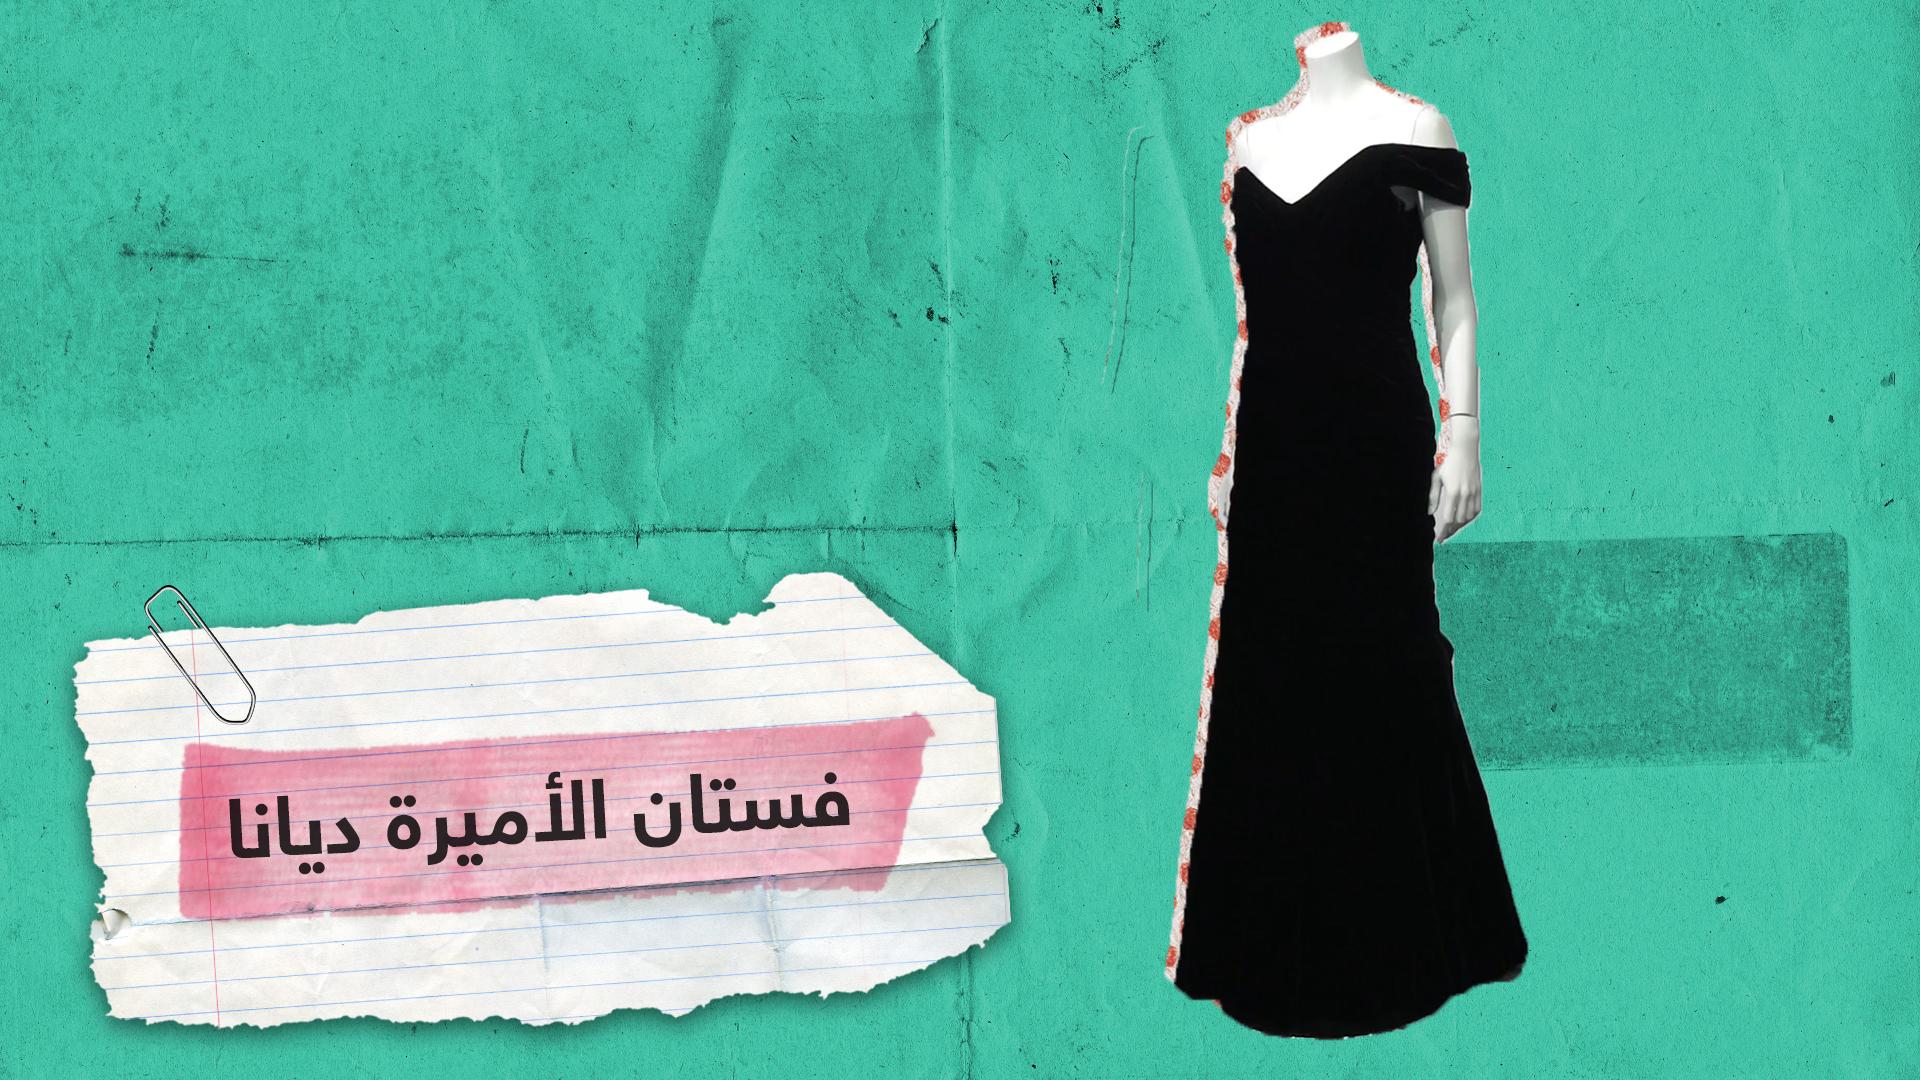 فستان الأميرة ديانا للبيع في مزاد علني